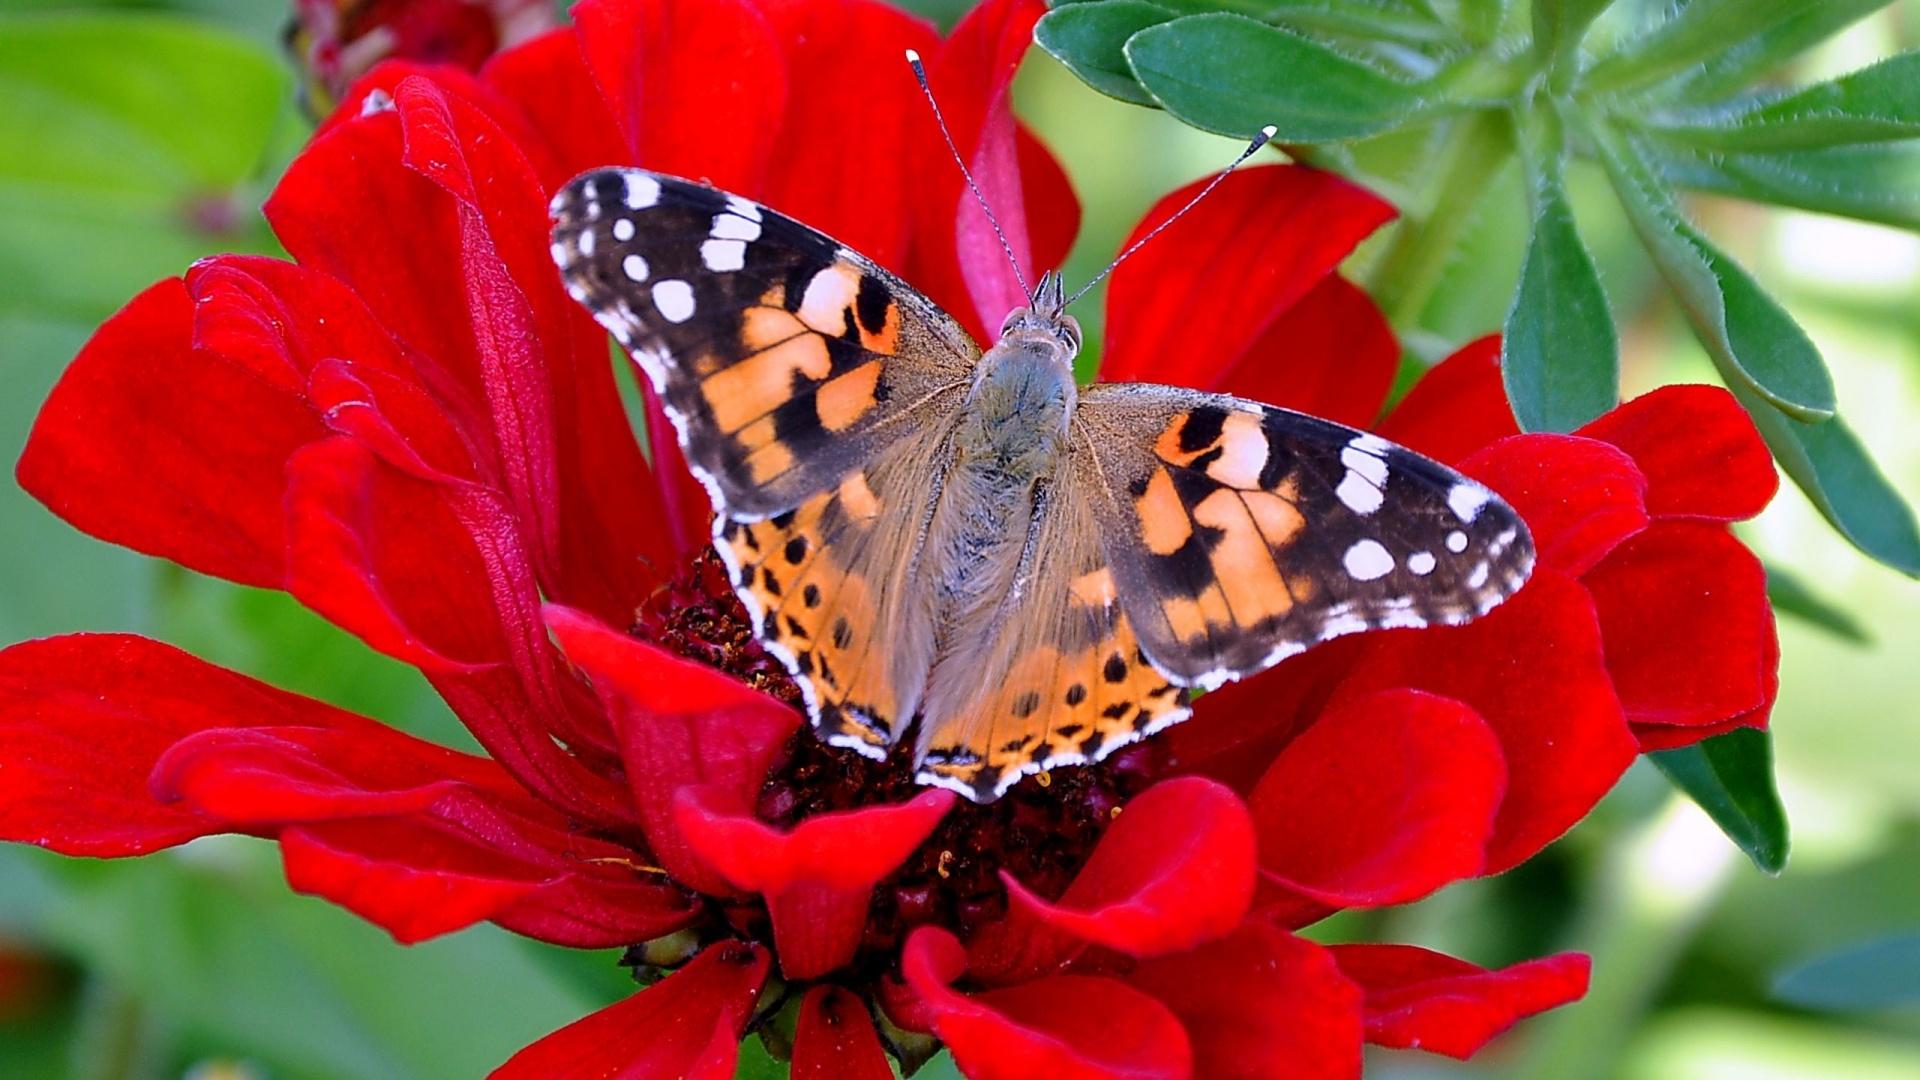 Hình ảnh mùa xuân hoa bướm đẹp (5)